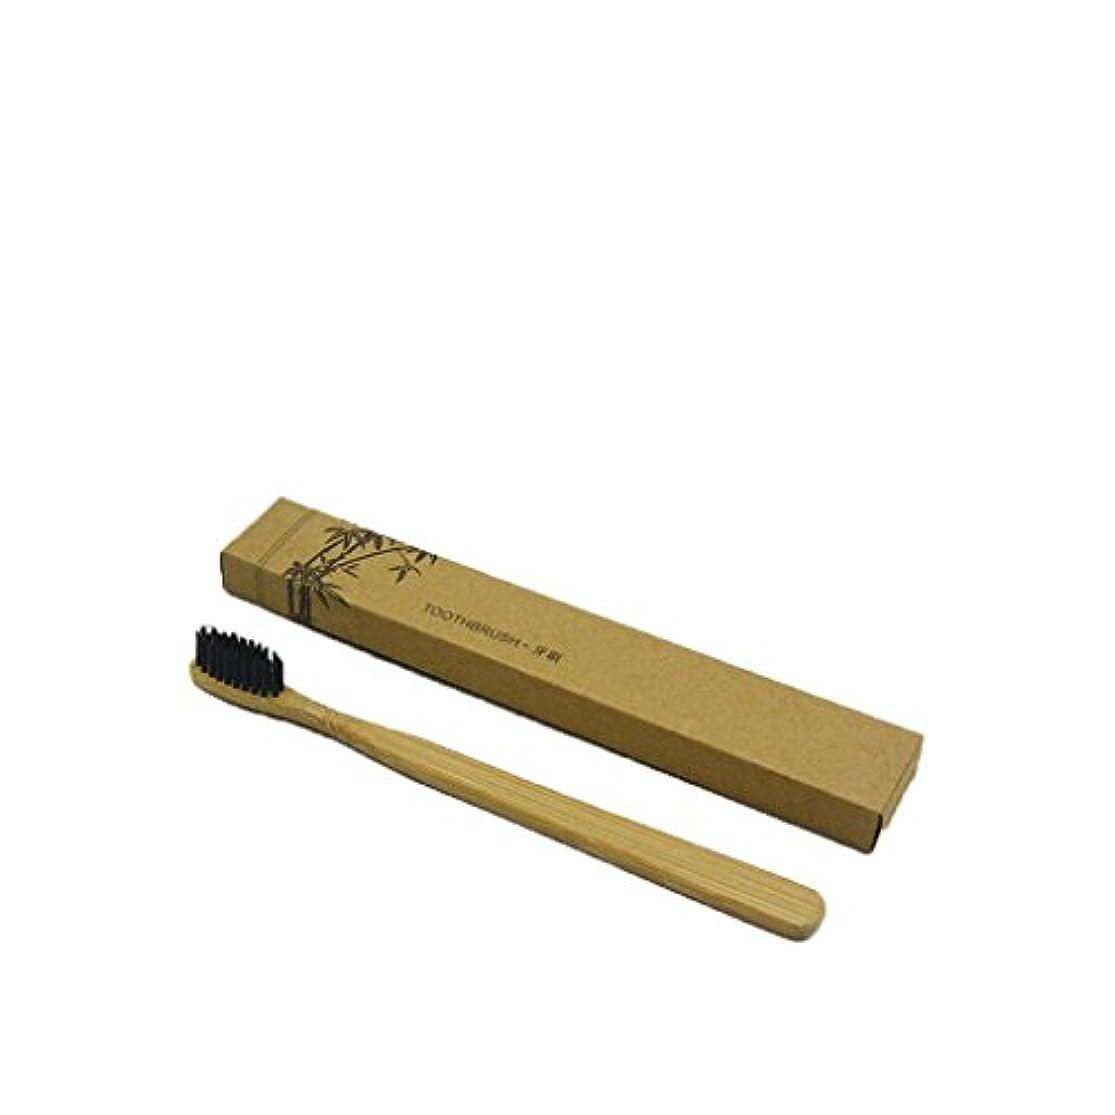 スロット重大意外Nerhaily 竹製歯ブラシ ミディアム及びソフト、生分解性、ビーガン、バイオ、エコ、持続可能な木製ハンドル、ホワイトニング 歯 竹歯ブラシ